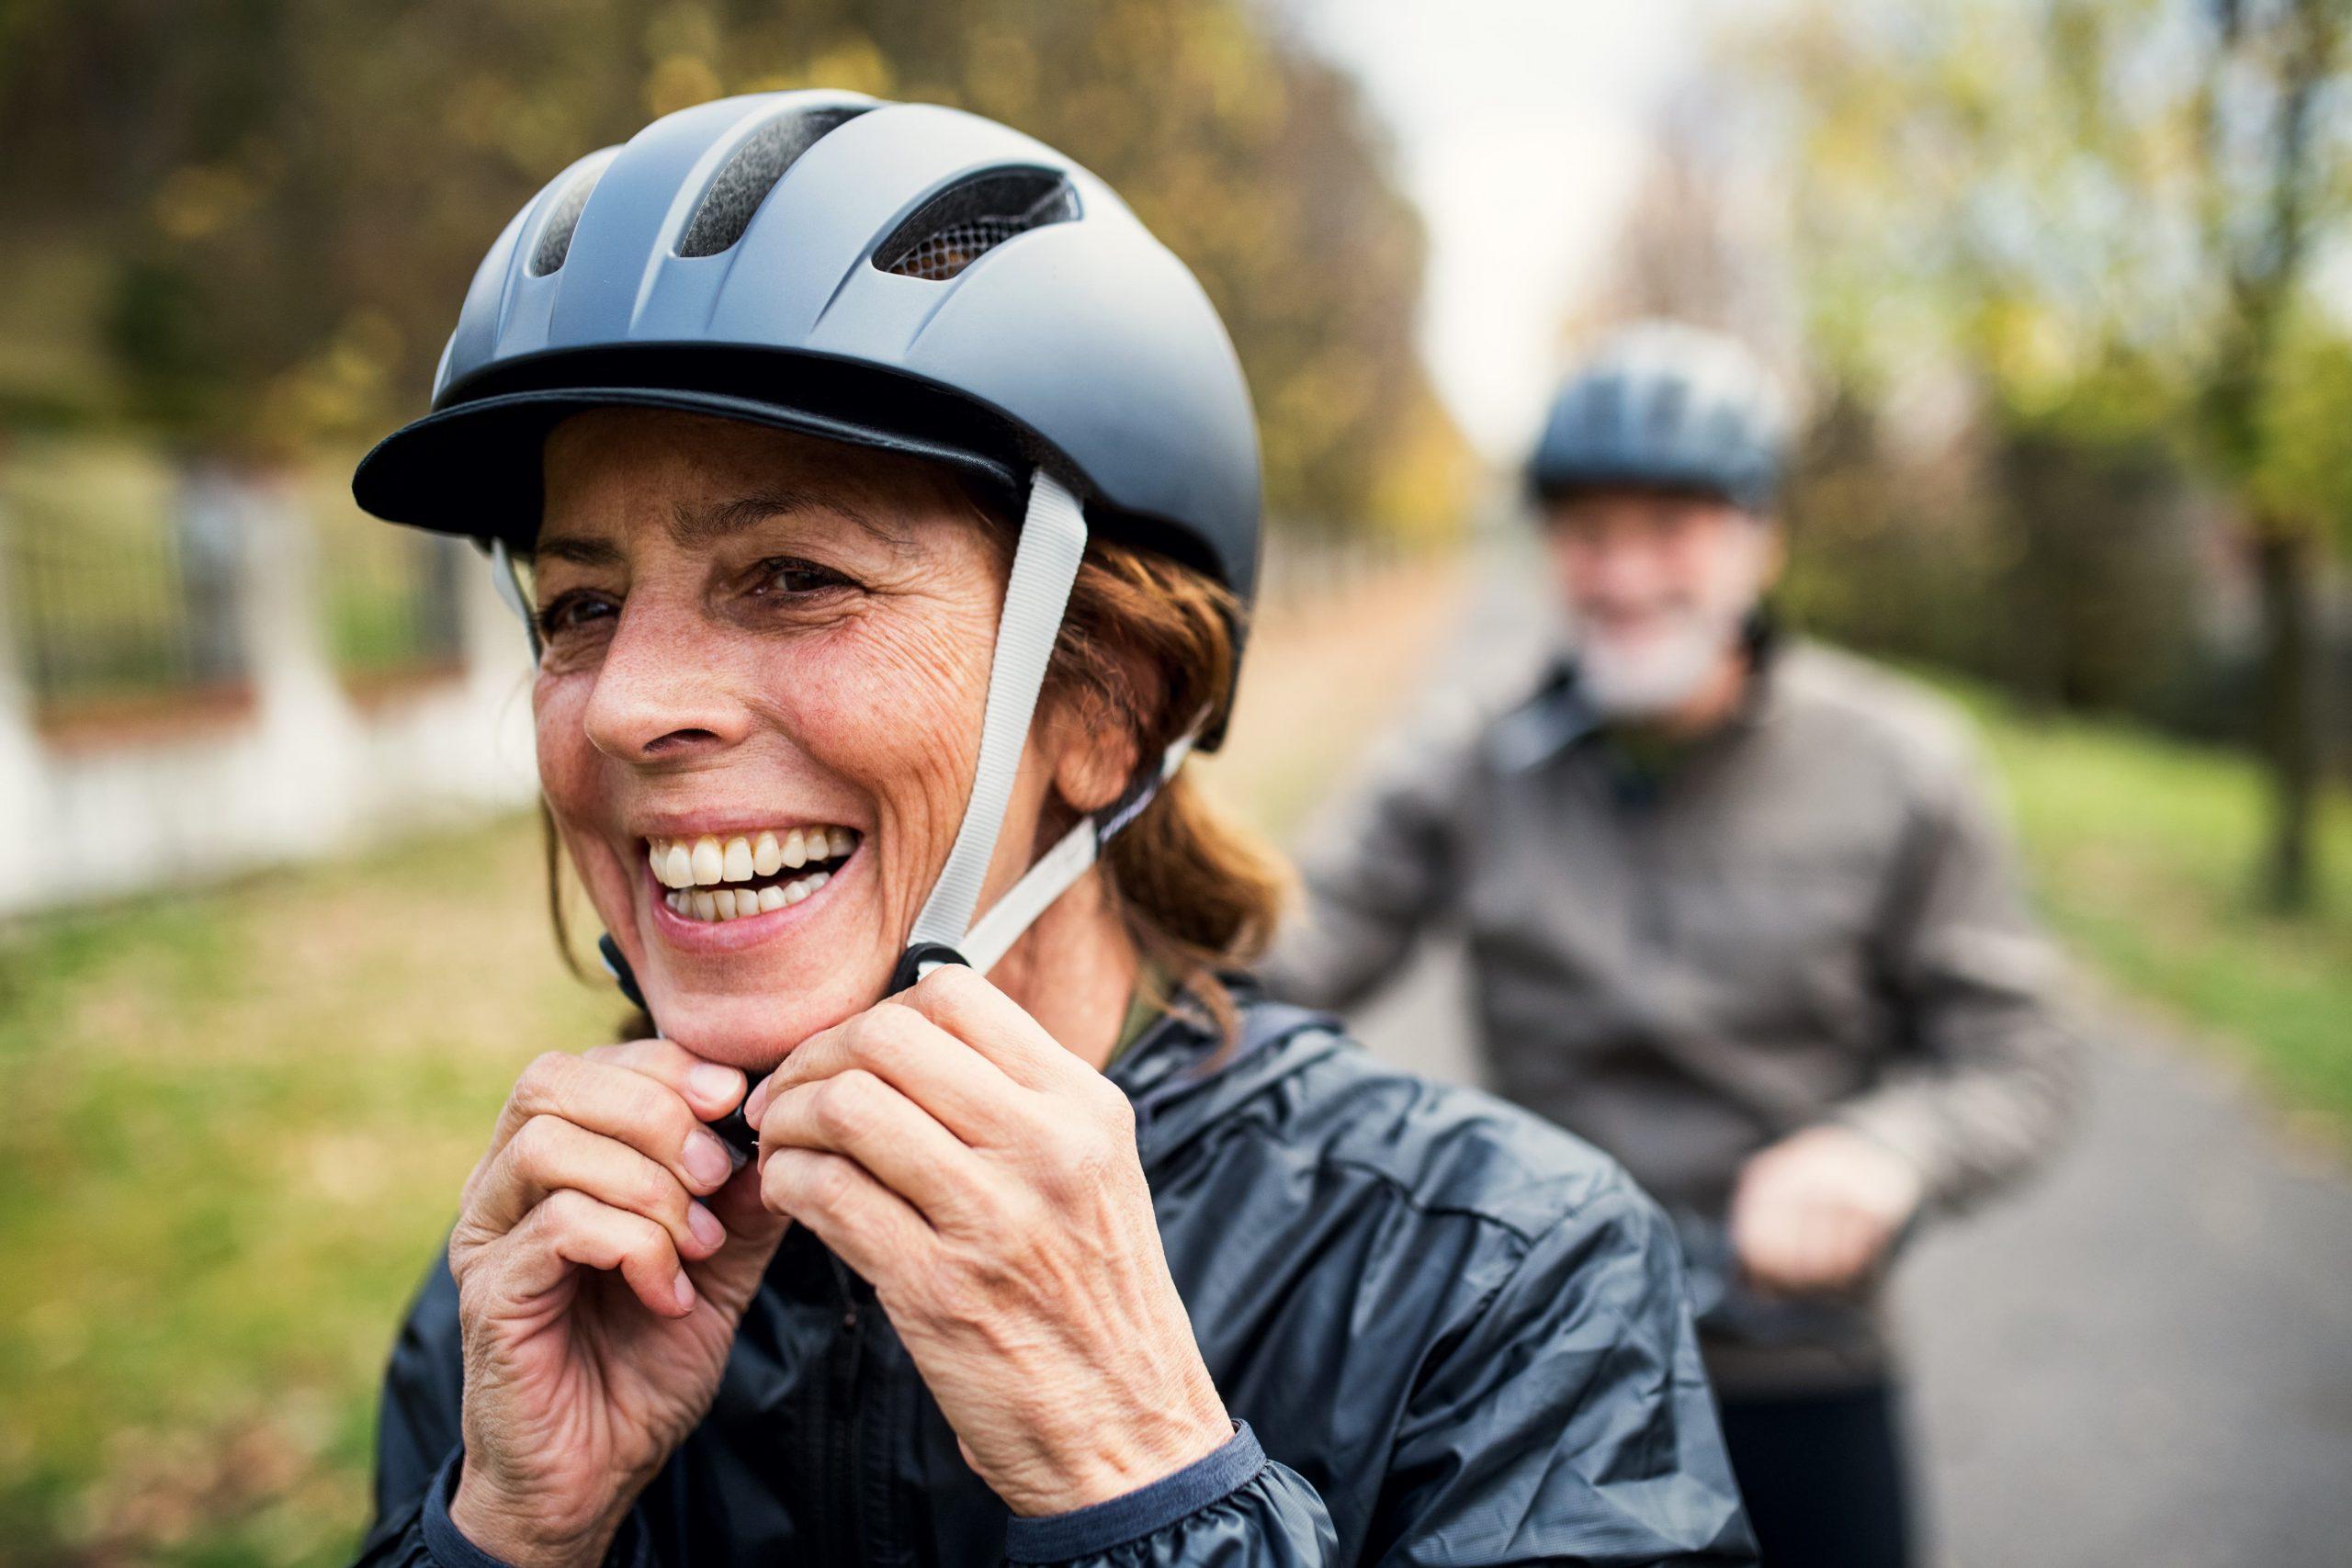 eBike Safety Tips Helmet